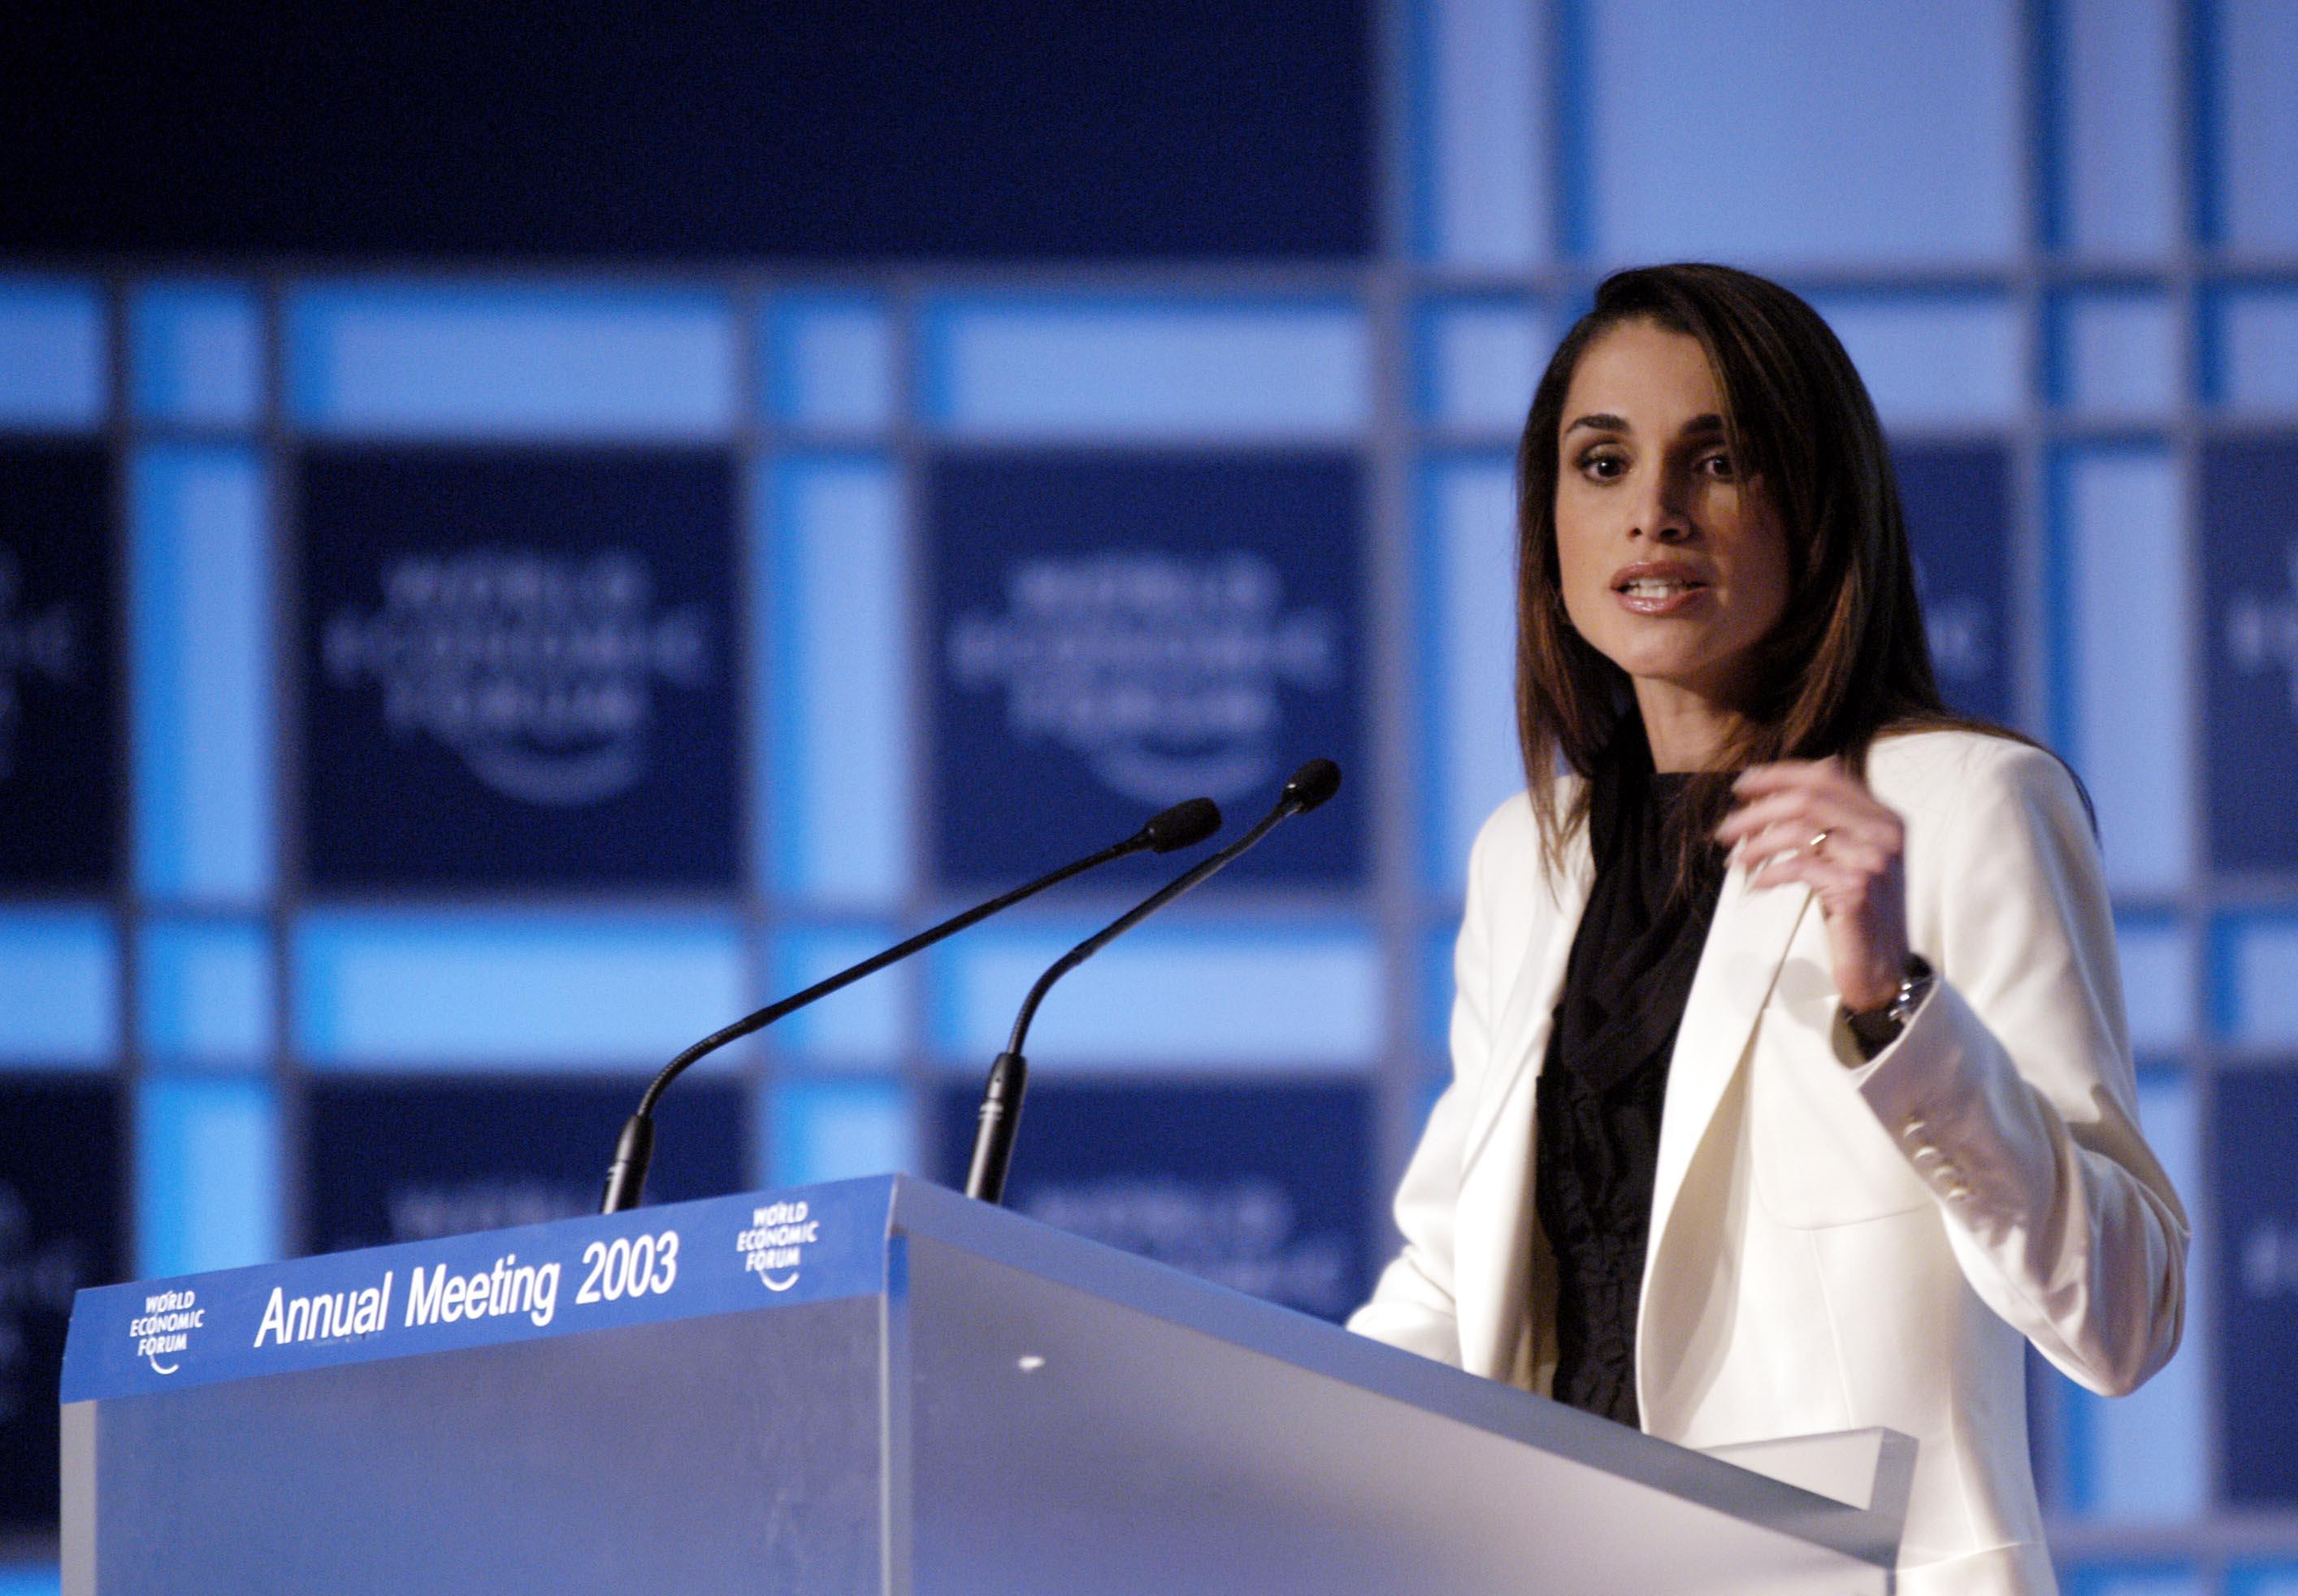 الملكة رانيا: شبابنا سيحققون السلام